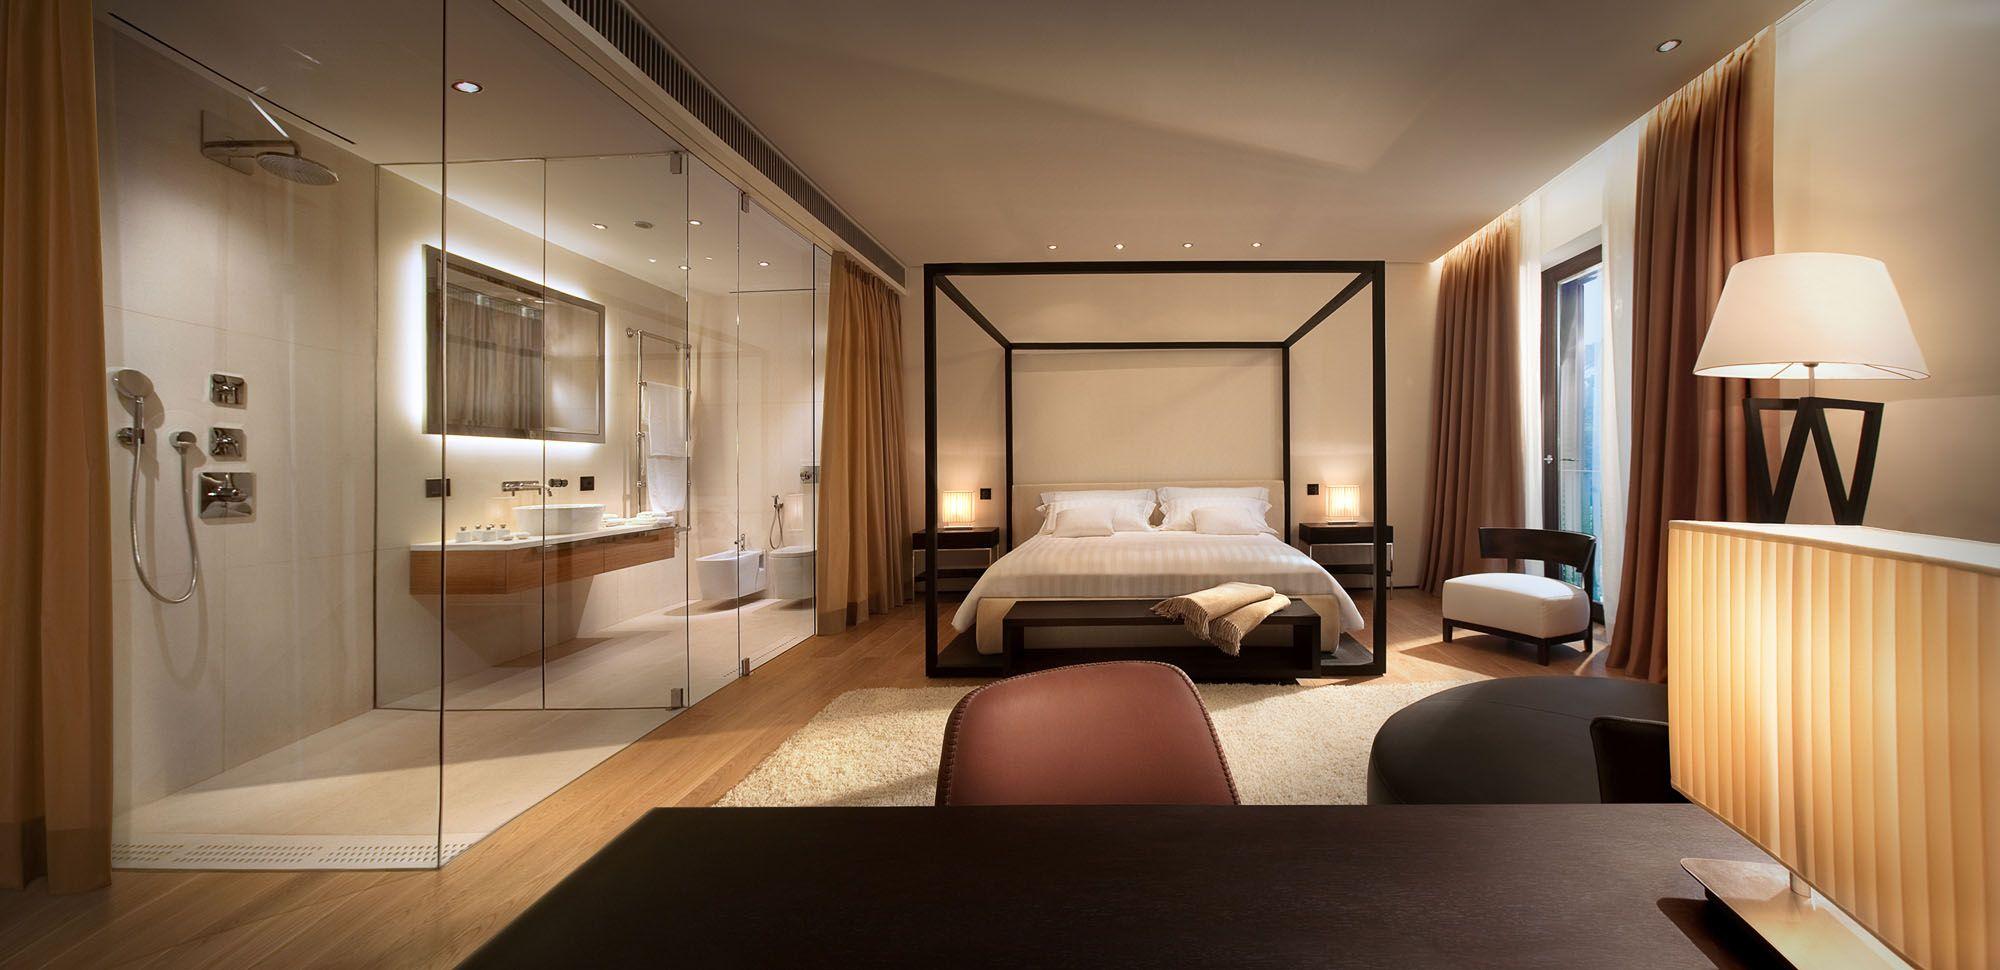 5 Star Hotel Principe Forte Dei Marmi 42 Hotel Room Interior Hotel Interior Design Hotel Room Design